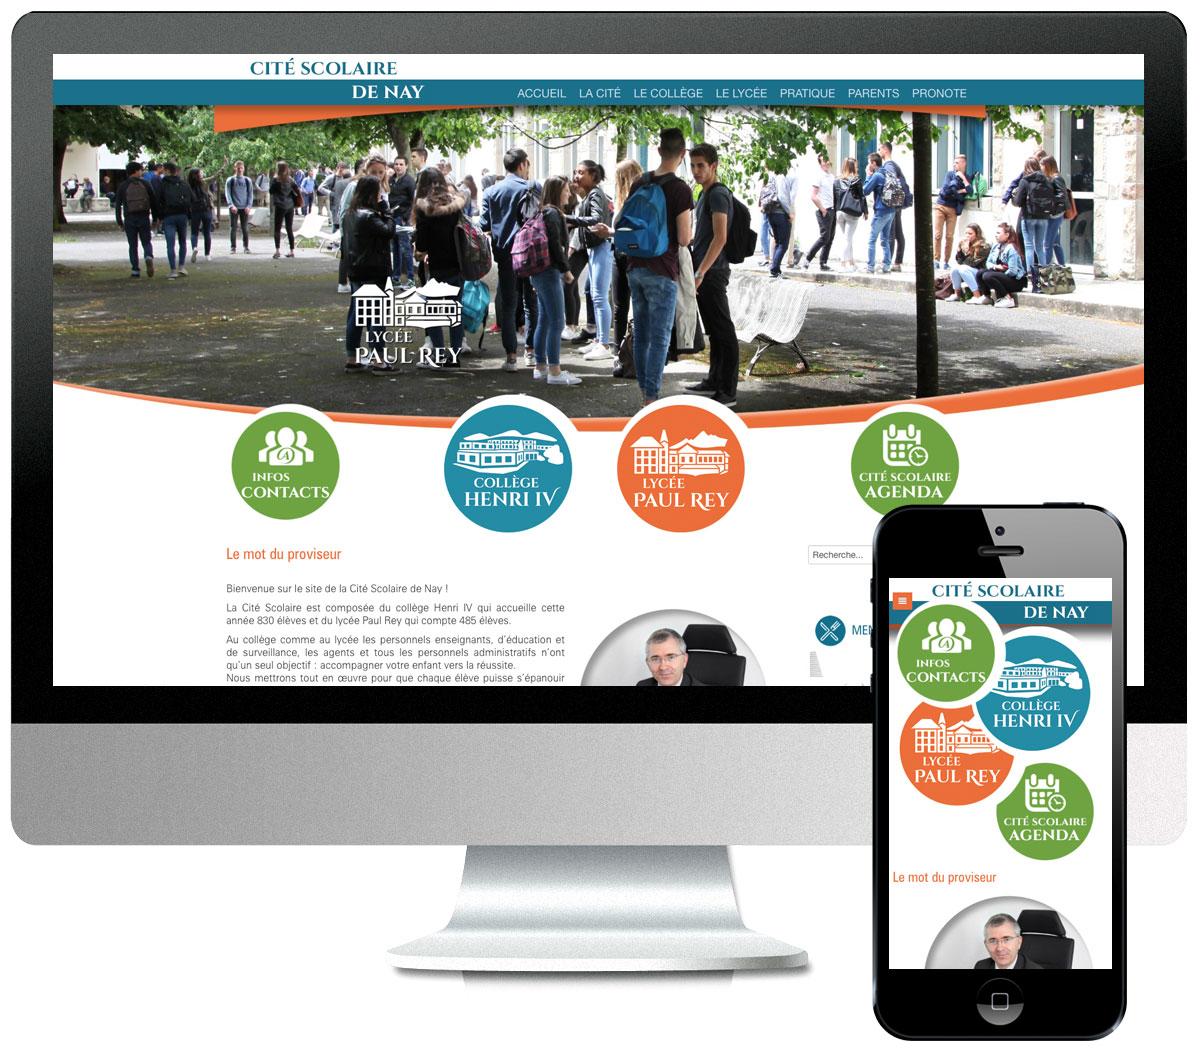 Site internet de la Cité Scolaire de Nay - scom communication